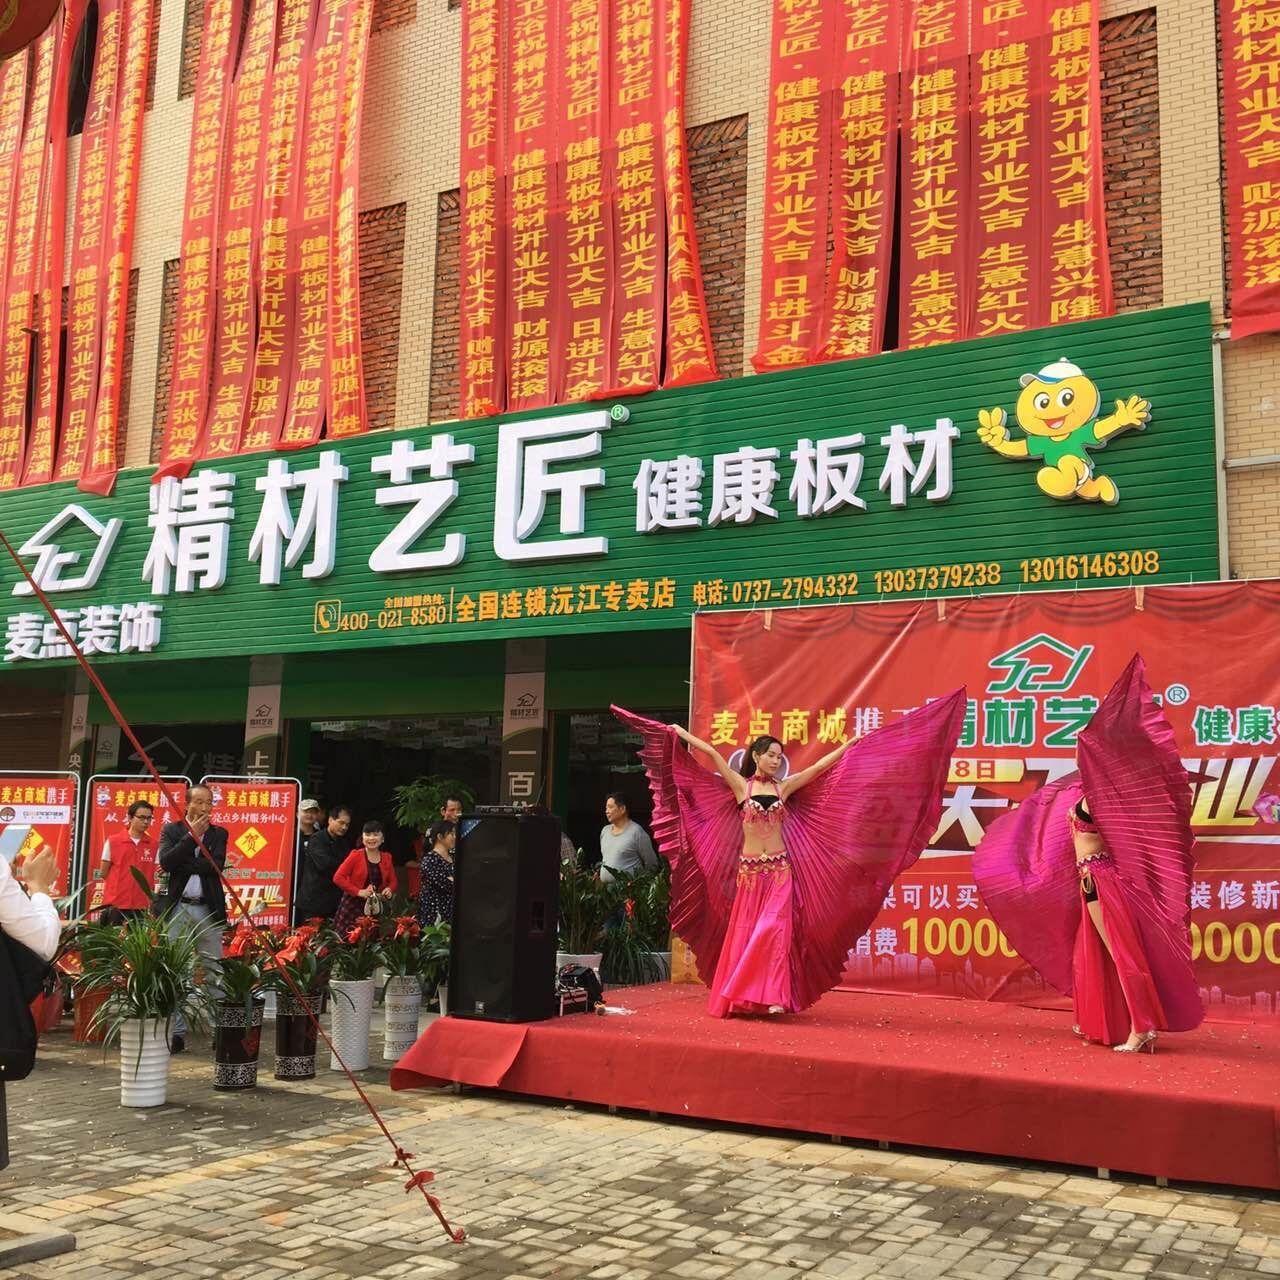 中国板材十大品牌精材艺匠沅江店盛大开业